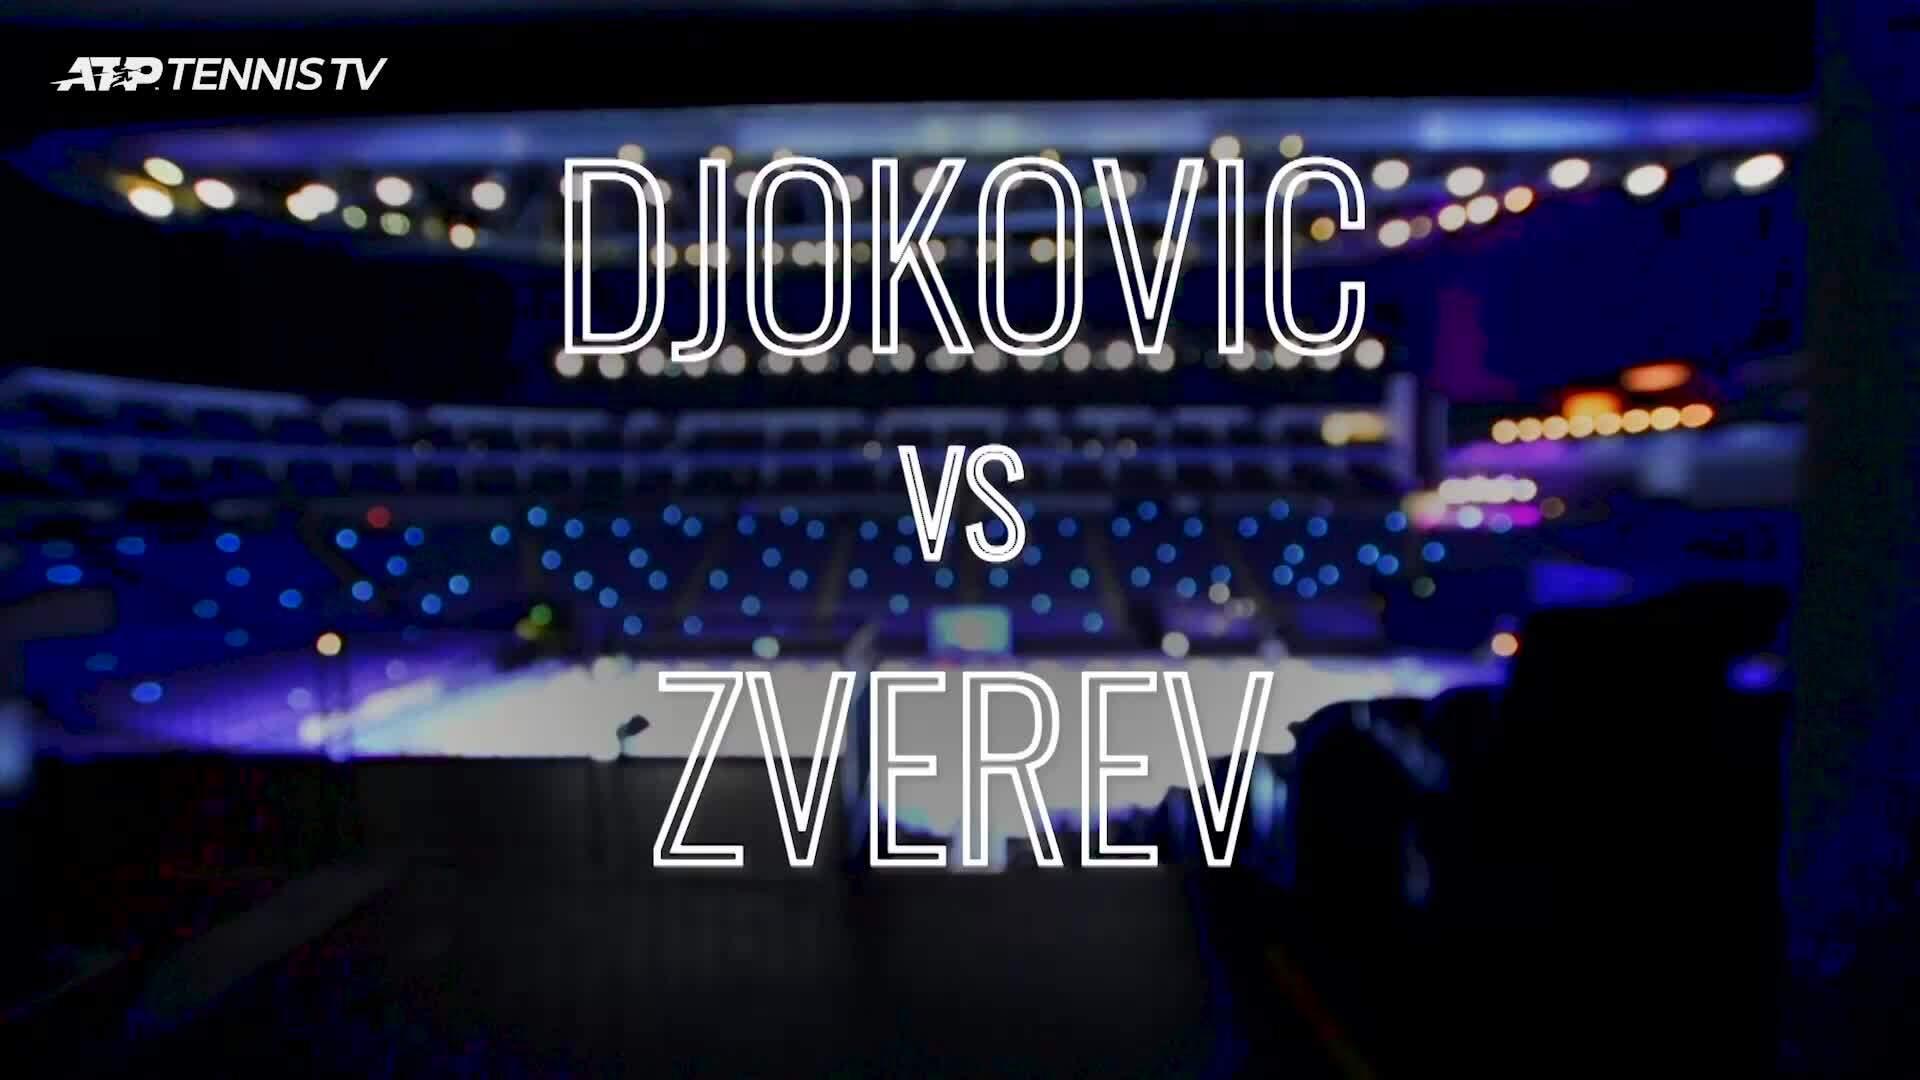 Djokovic 2-0 Zverev